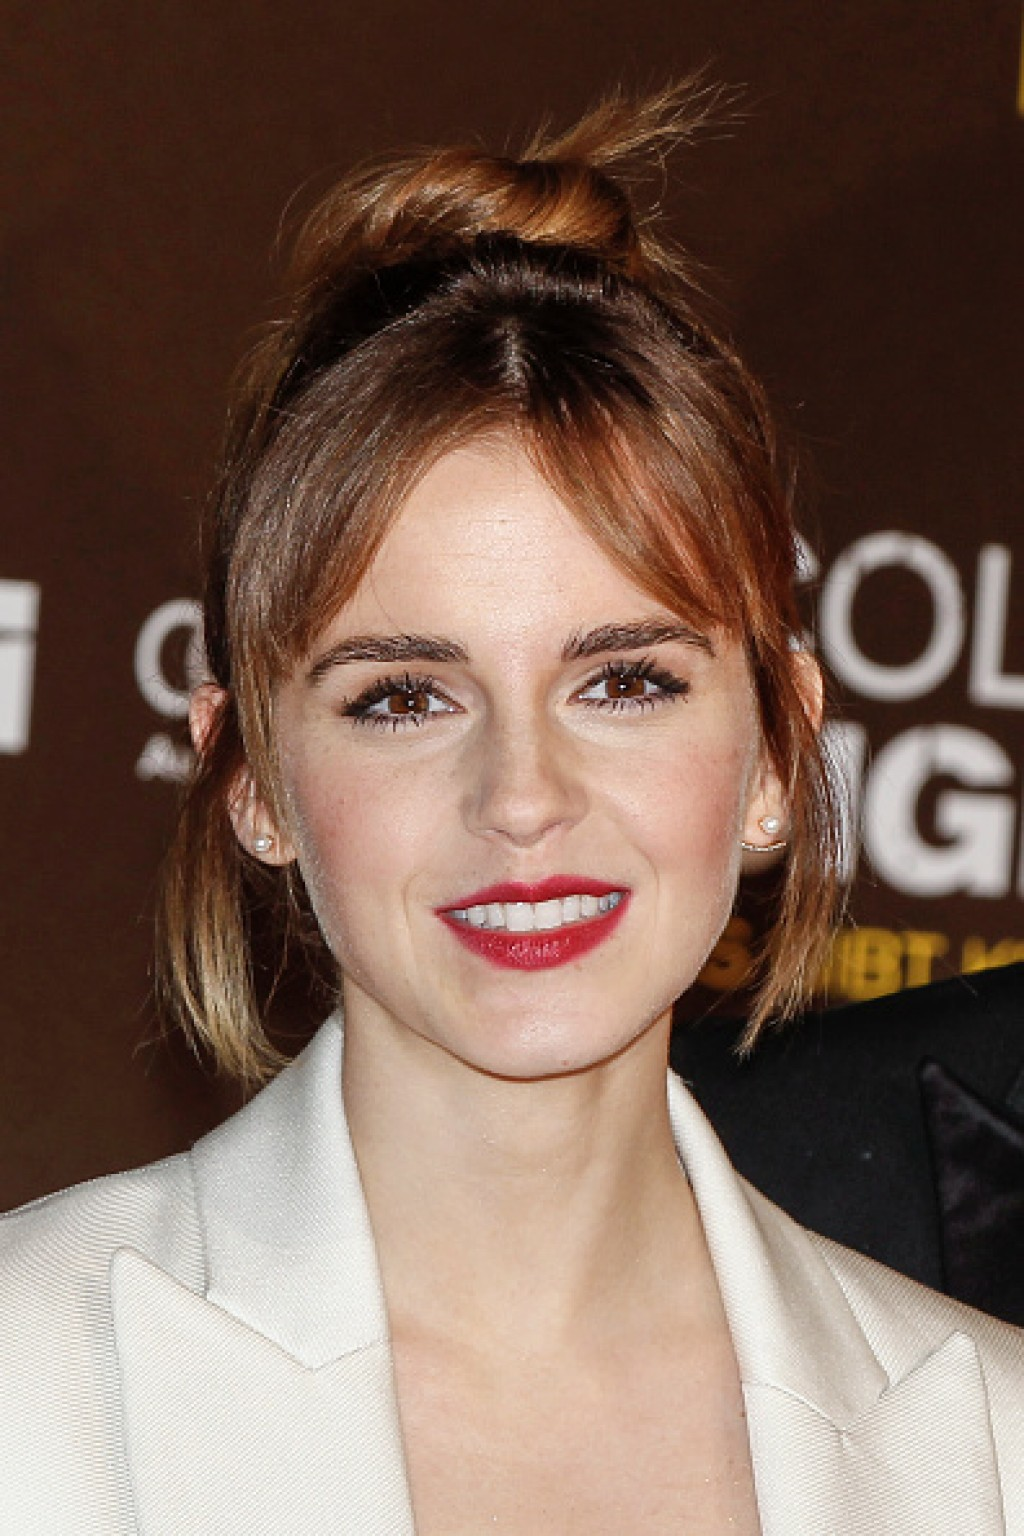 Colonia-Dignidad-Es-gibt-kein-zurueck-Berlin-Premiere-Emma-Watson-Makeup-1024x1536